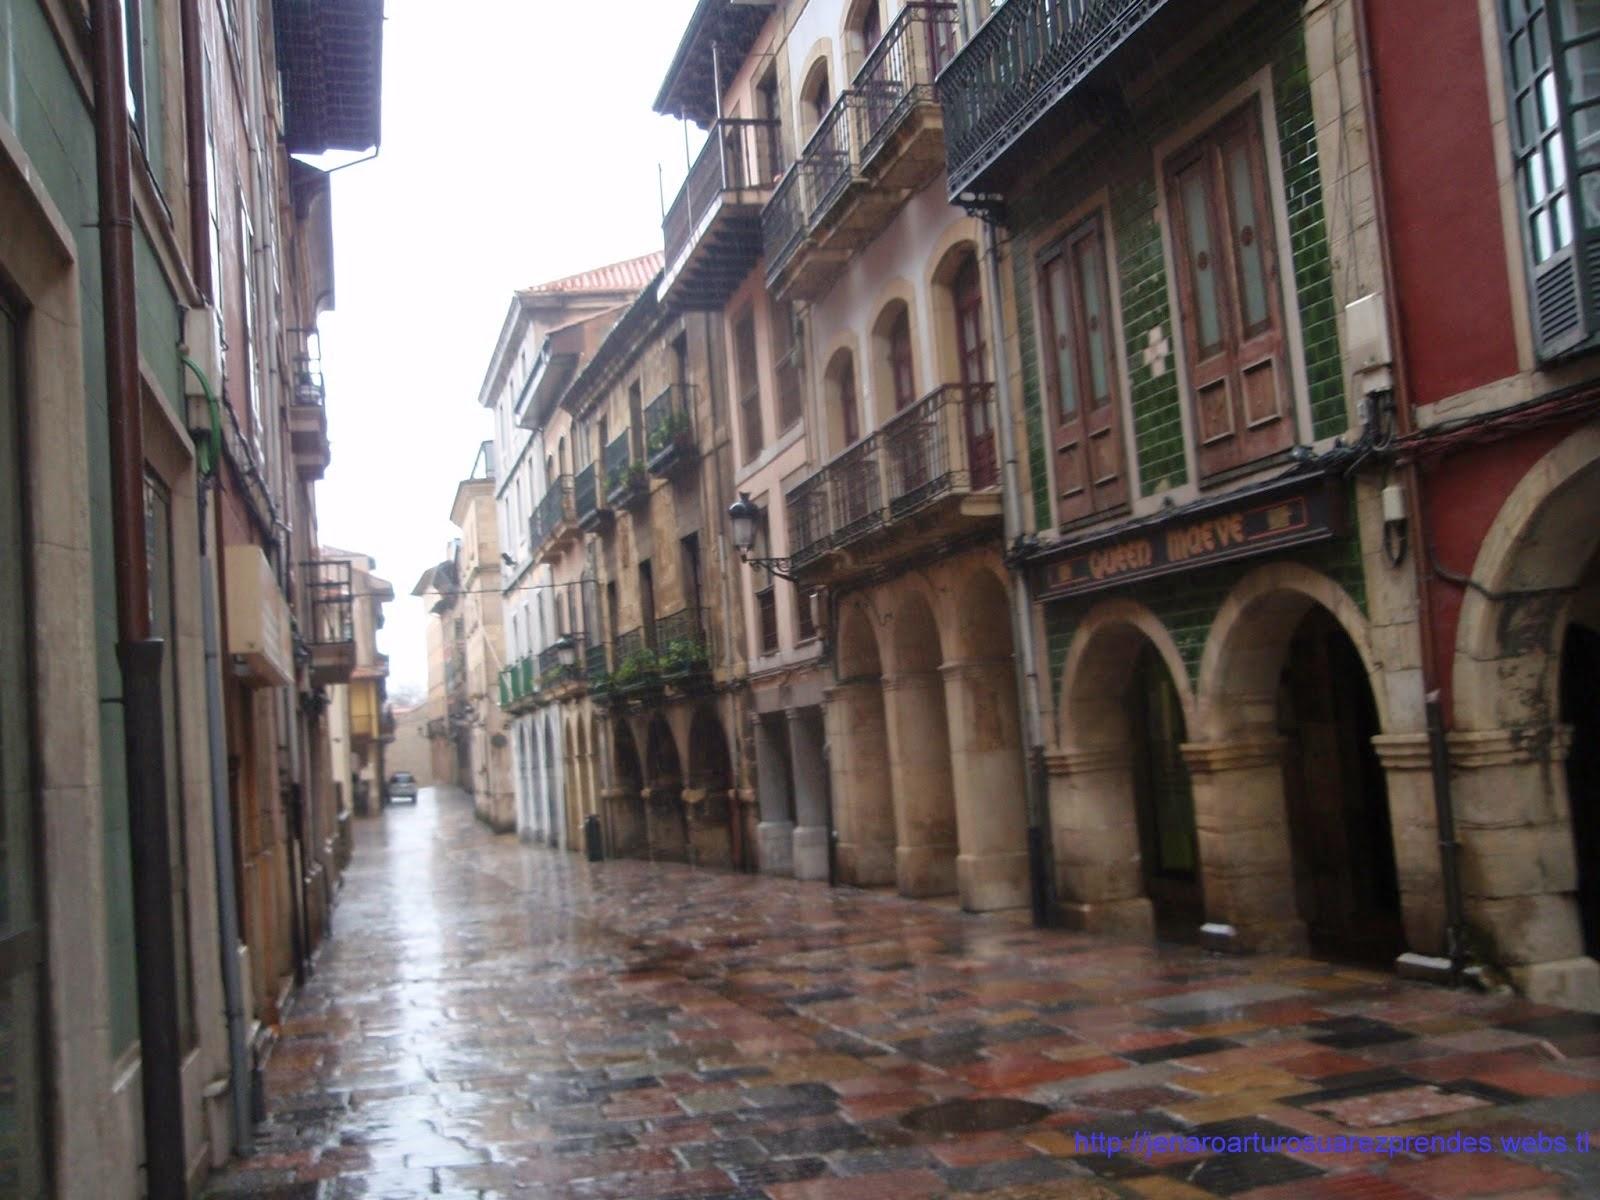 asturias central un paseo por avil s On calle prado 3 aviles